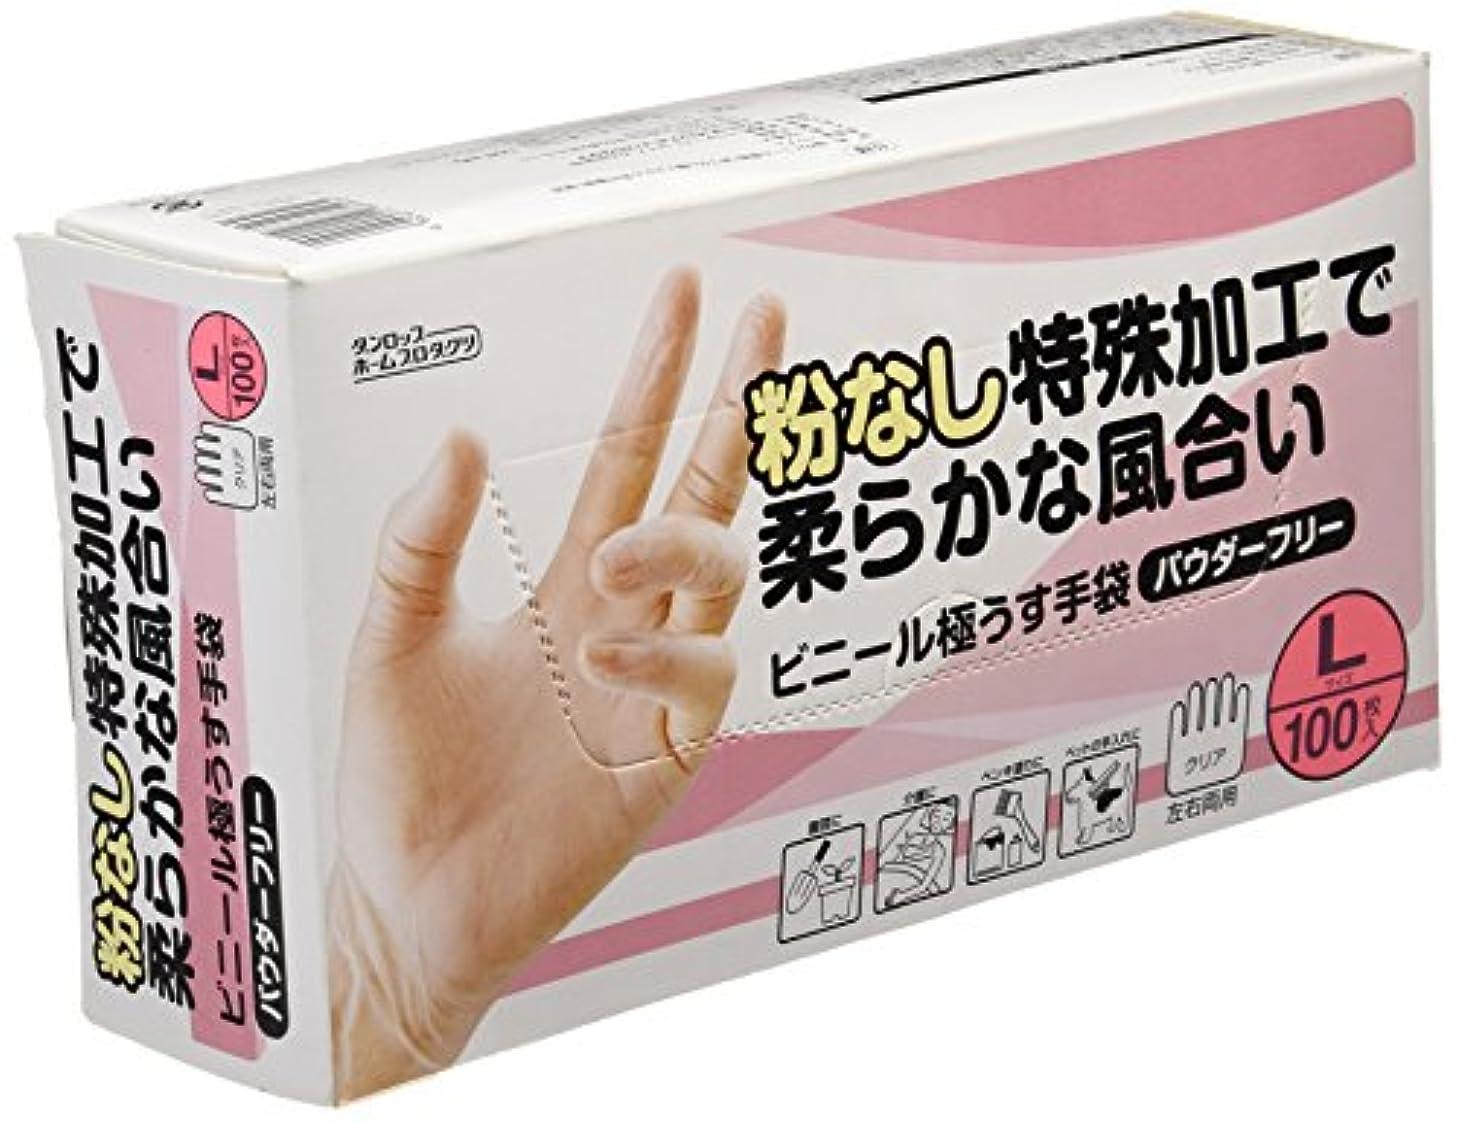 ぼんやりしたあそこフィットネスビニール極うす手袋 パウダーフリー Lサイズ 100枚入